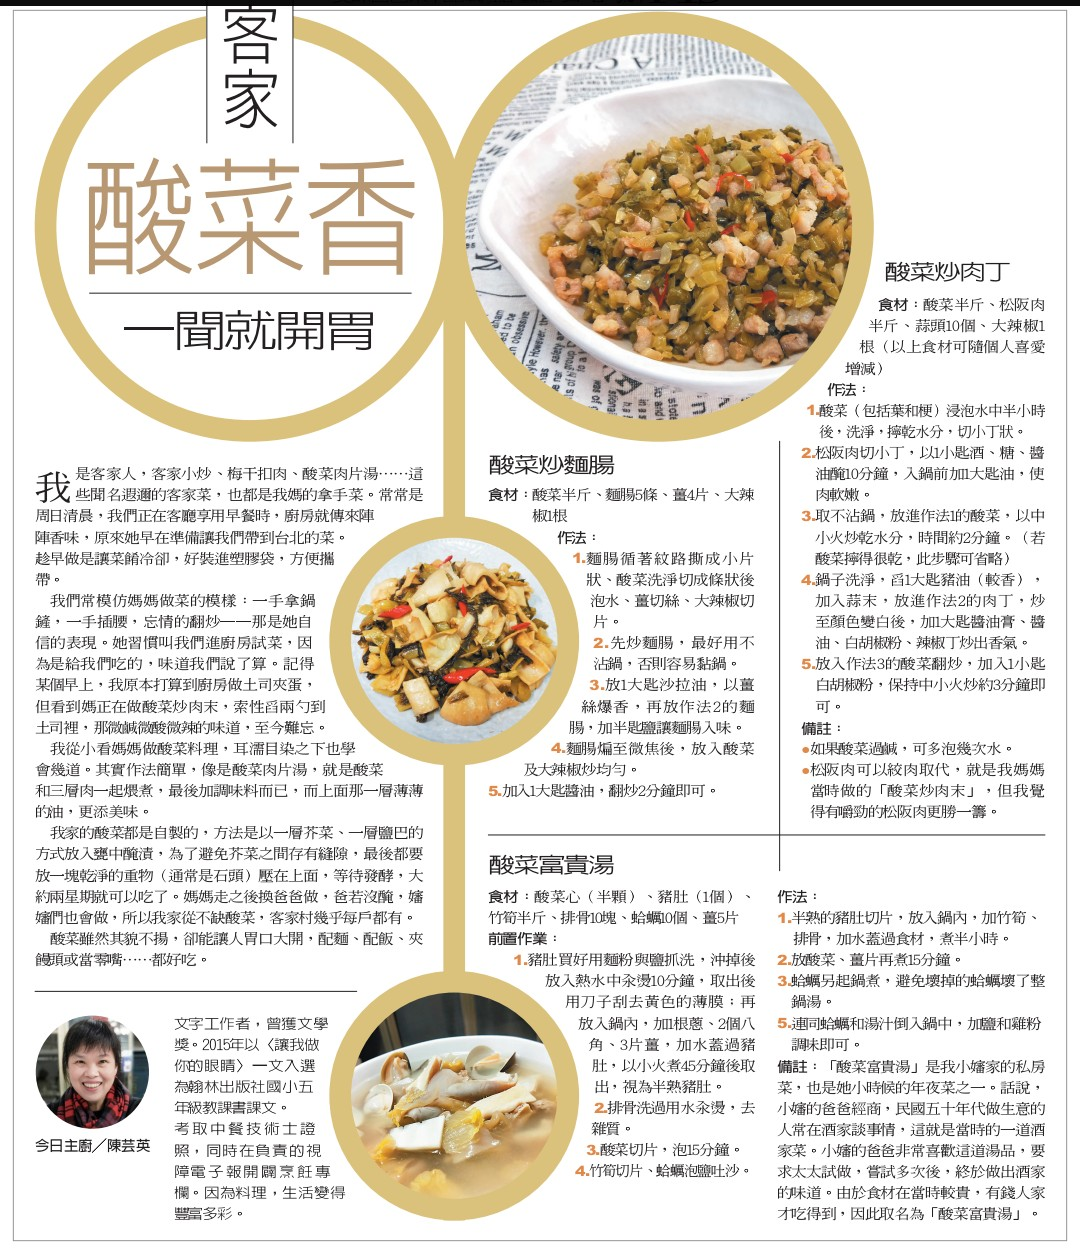 聯合報週日推出的「元氣週報」,介紹了三道我做的「酸菜」料理。